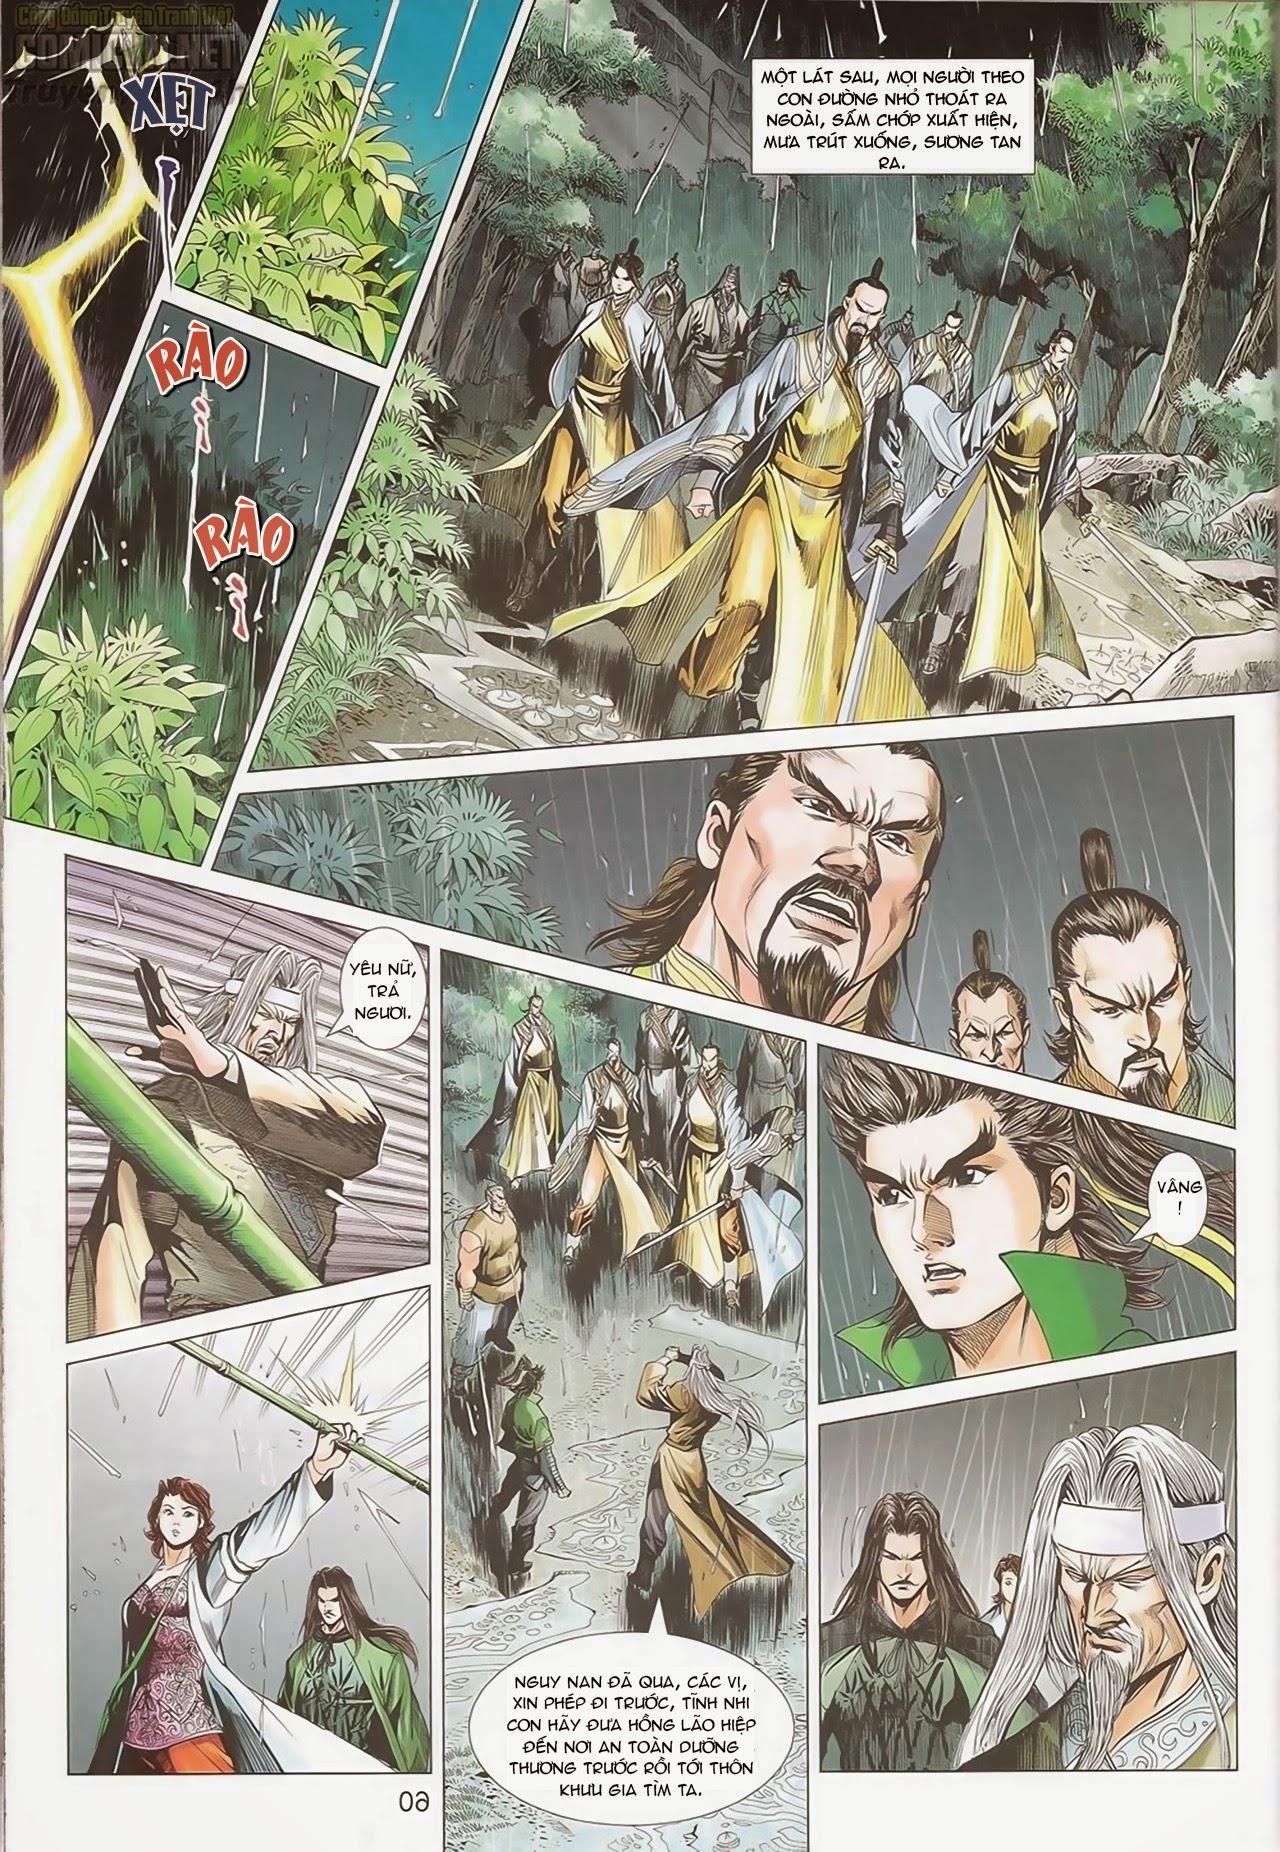 xem truyen moi - Anh Hùng Xạ Điêu - Chapter 88: Linh Xà Trận